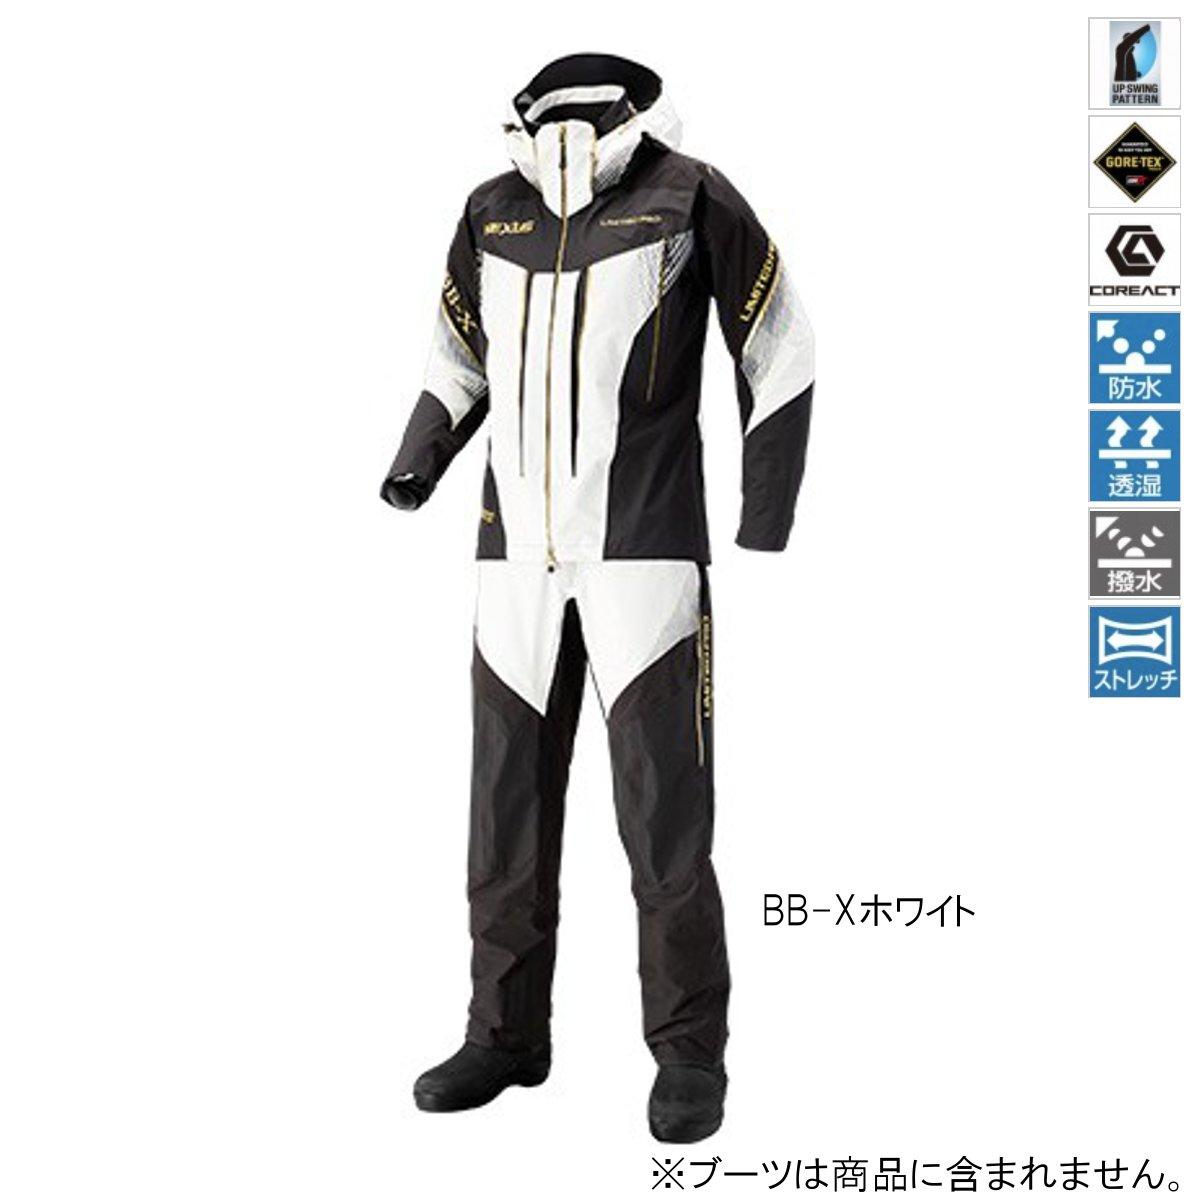 シマノ NEXUS・GORE-TEX レインスーツ LIMITED PRO RA-112S M BB-Xホワイト